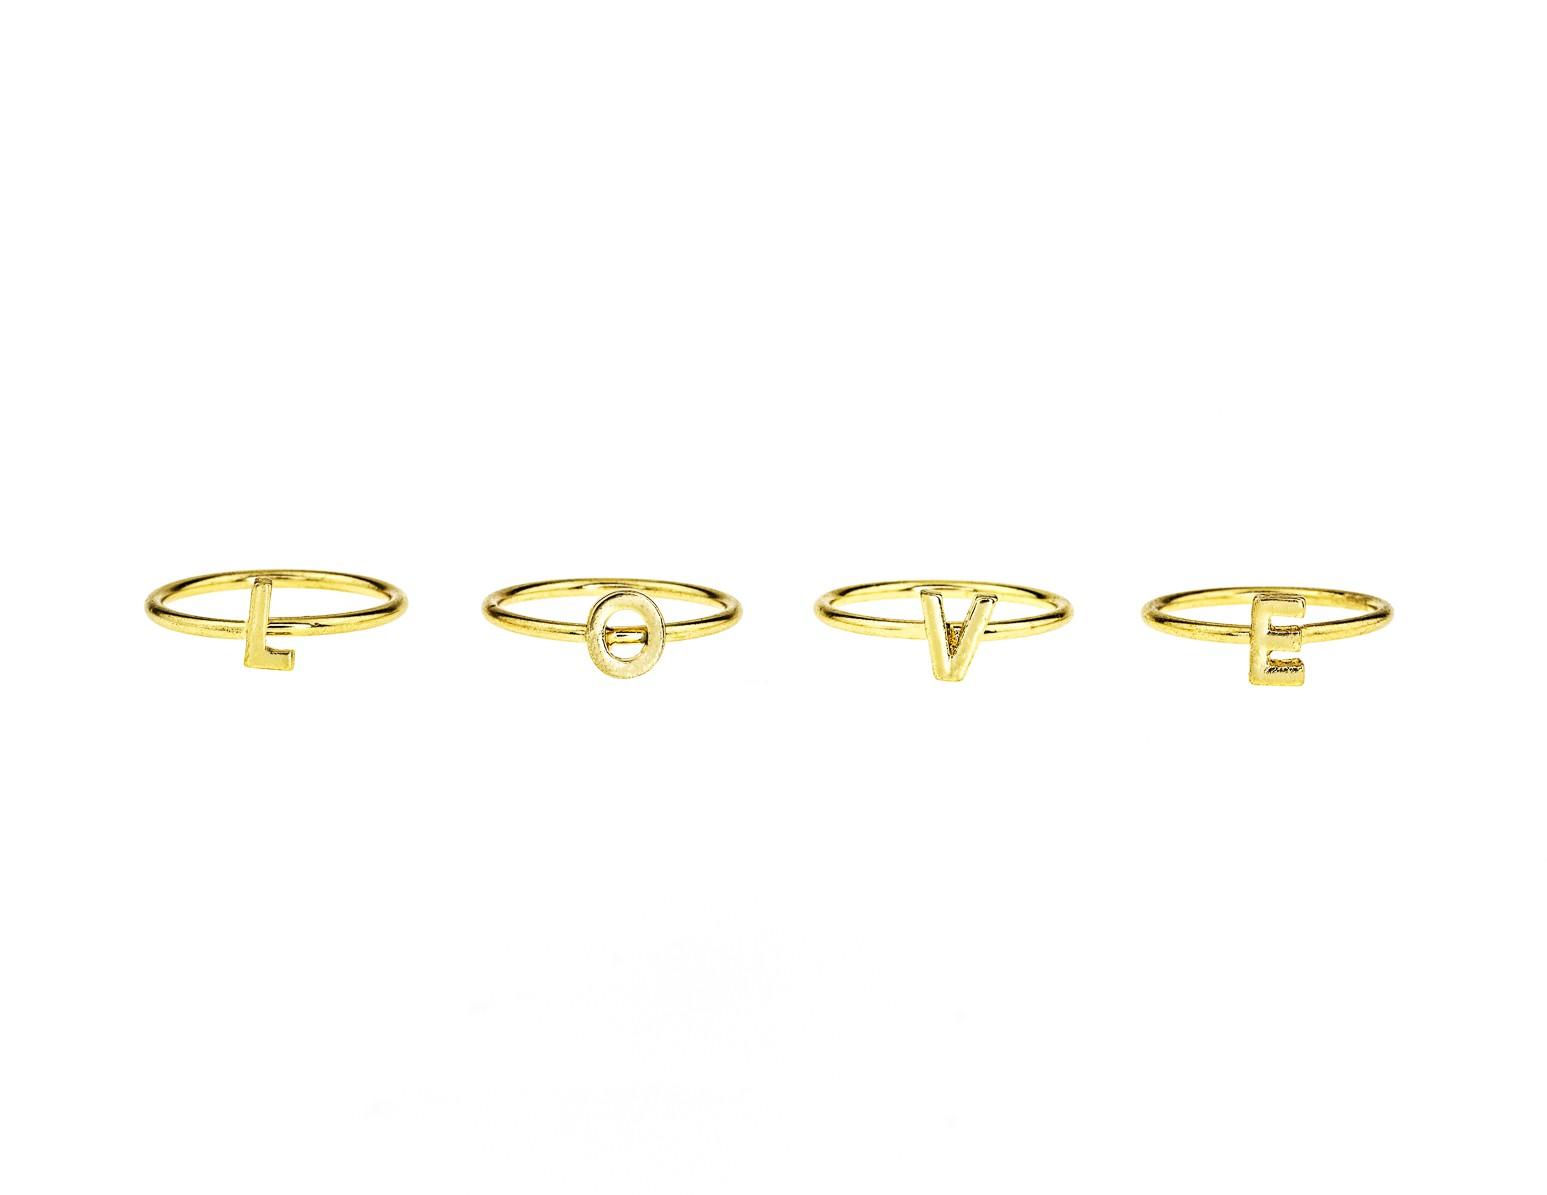 LOVE midi rings-Set of 4